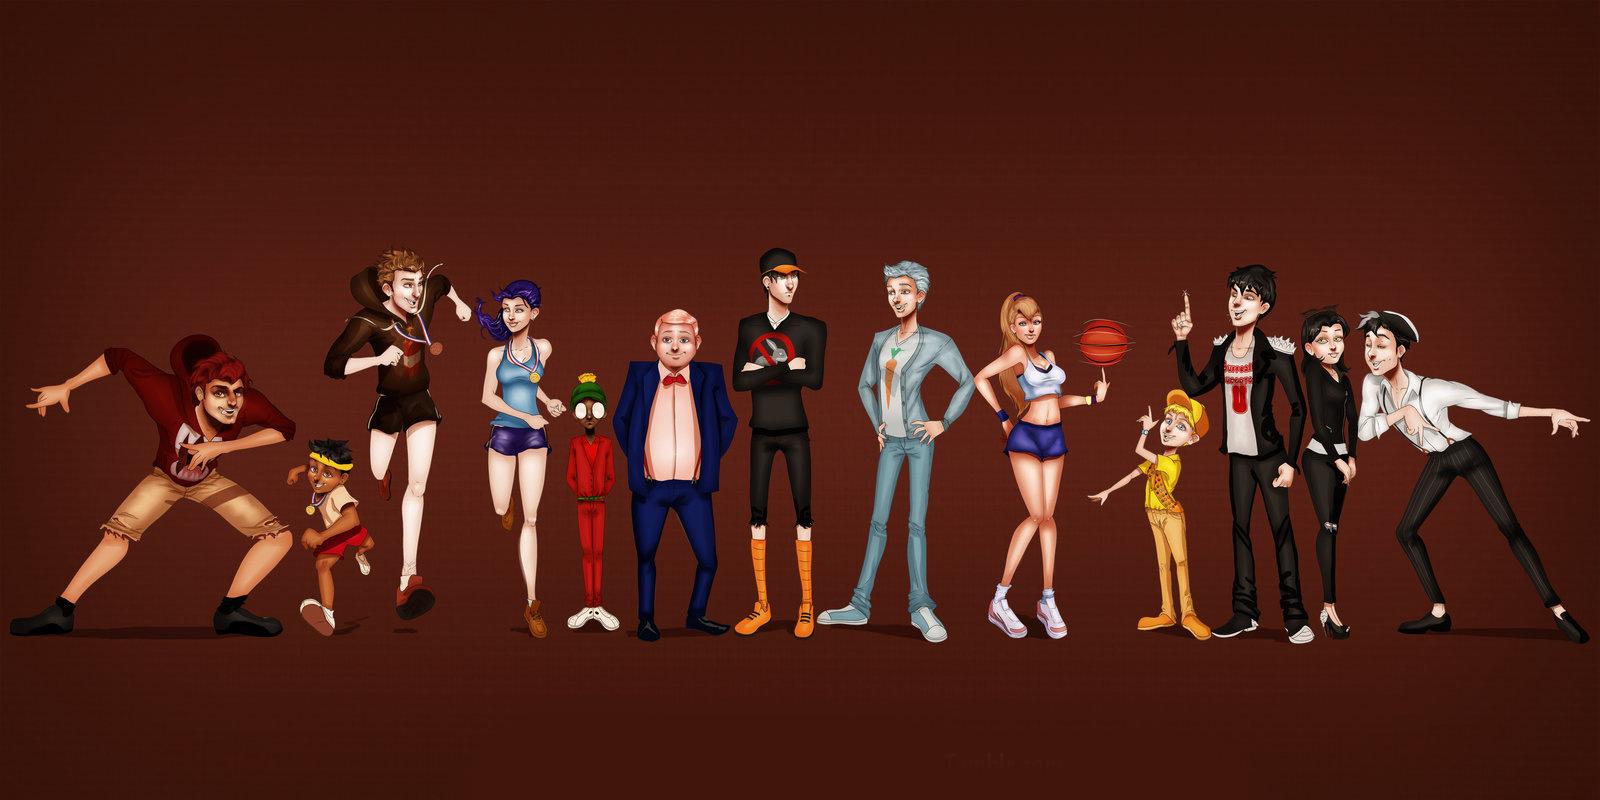 ¿Cómo se verían los personajes de Space Jam si fueran personas?